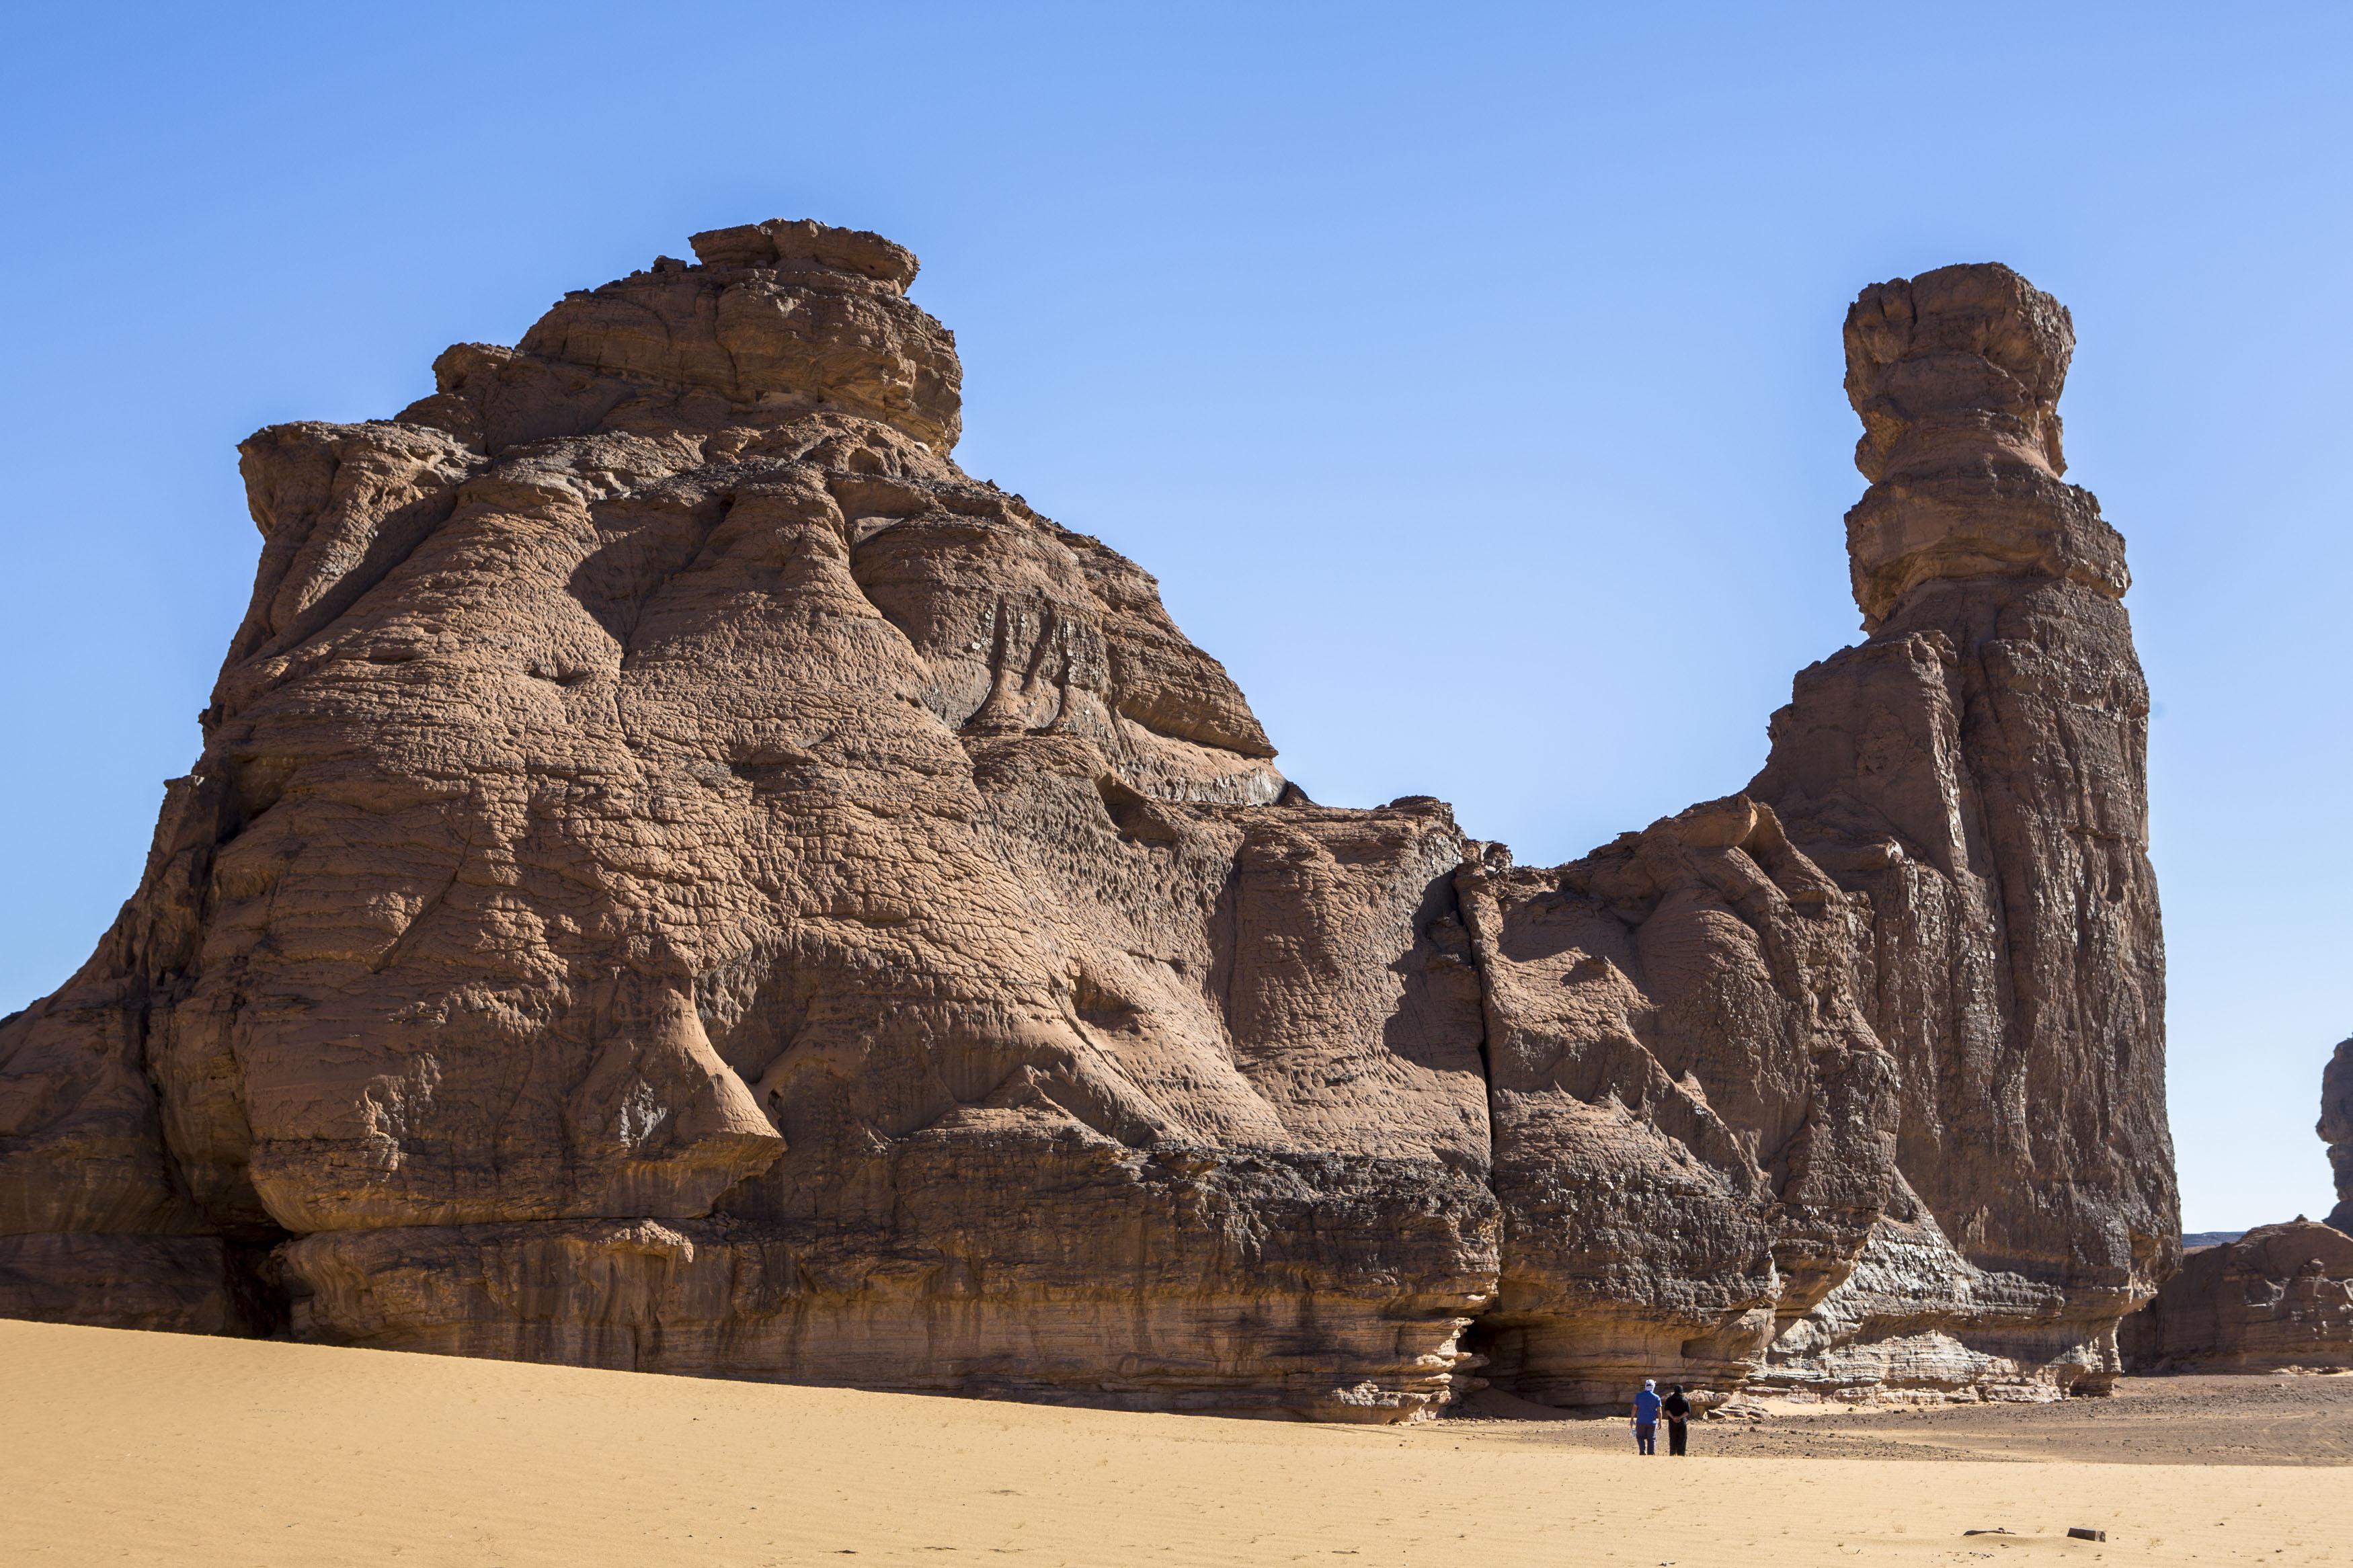 Tourists are walking in the Tadrart.The Tadrart (200 km southeast of Djanet) is located in the south of the Tassili N'Ajjer National Park and is part of one of the most beautiful desert in the world but above all the central Sahara.From huge canyons to cliffs carved with rocky peaks of various shapes mix with dunes of colored sand with yellow and red reflections. The Tadrart, Algeria-February 6, 2017. Des touristes marchent dans la Tadrart. La Tadrart (200 km au sud-est de Djanet) se situe dans le sud du Parc National du Tassili N'Ajjer et il fait partie d'un des plus beau désert au monde mais avant tout du Sahara central. D'immenses canyons aux falaises sculptées avec de pitons rocheux aux formes les plus diverses  se mélangent avec des dunes de sable coloré aux reflets jaune et rouge. La Tadrart,, Algérie-6 février 2017.